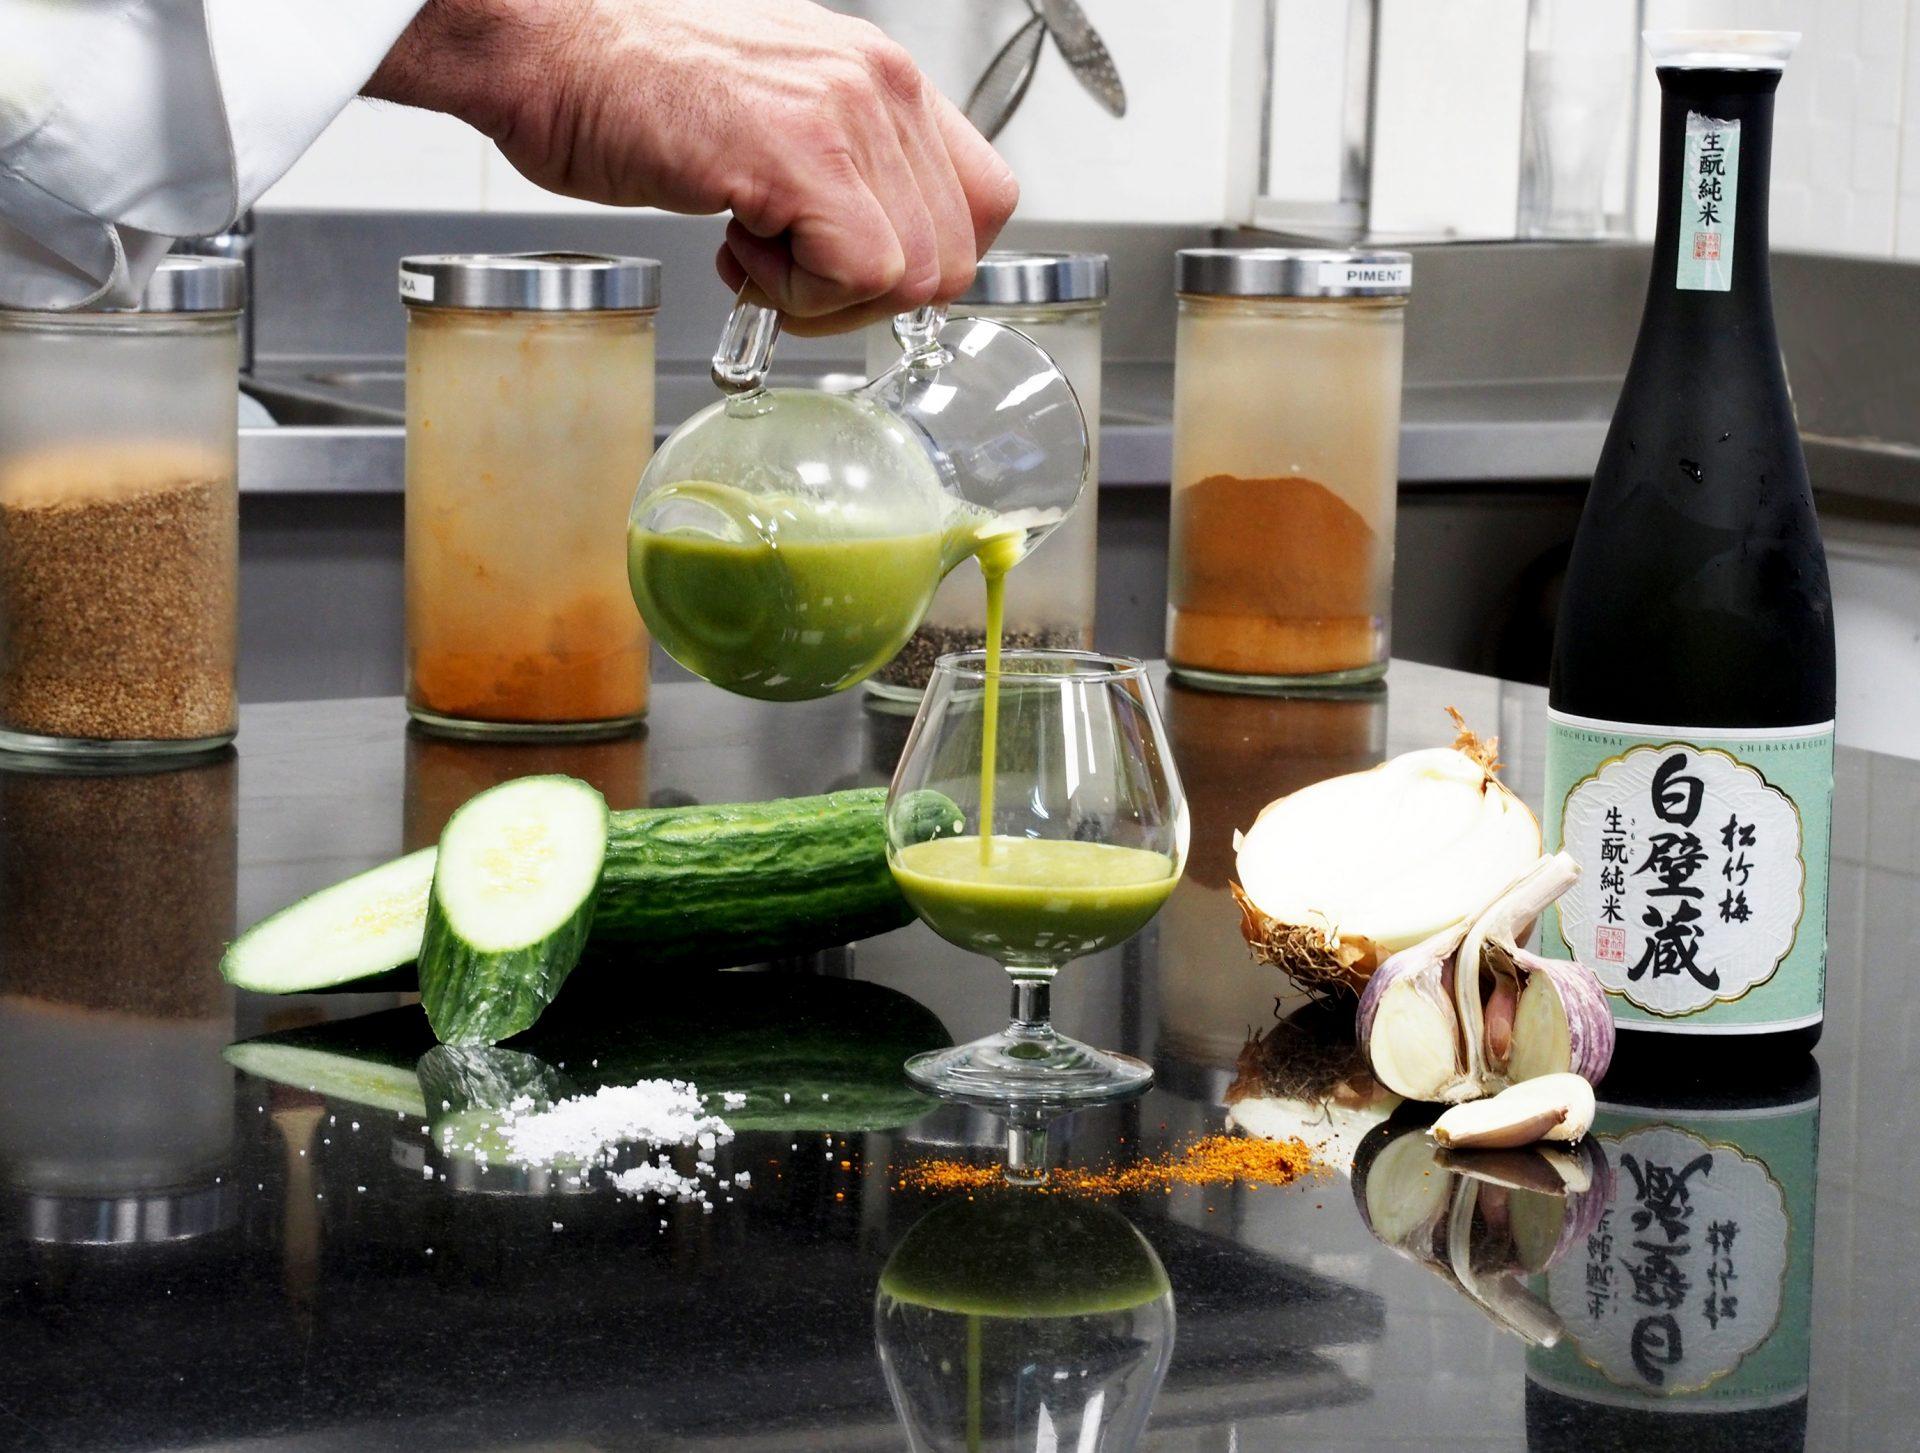 Le saké cocktail avec Shirakabegura Kimoto de la Braisiere par Jacques Faussat